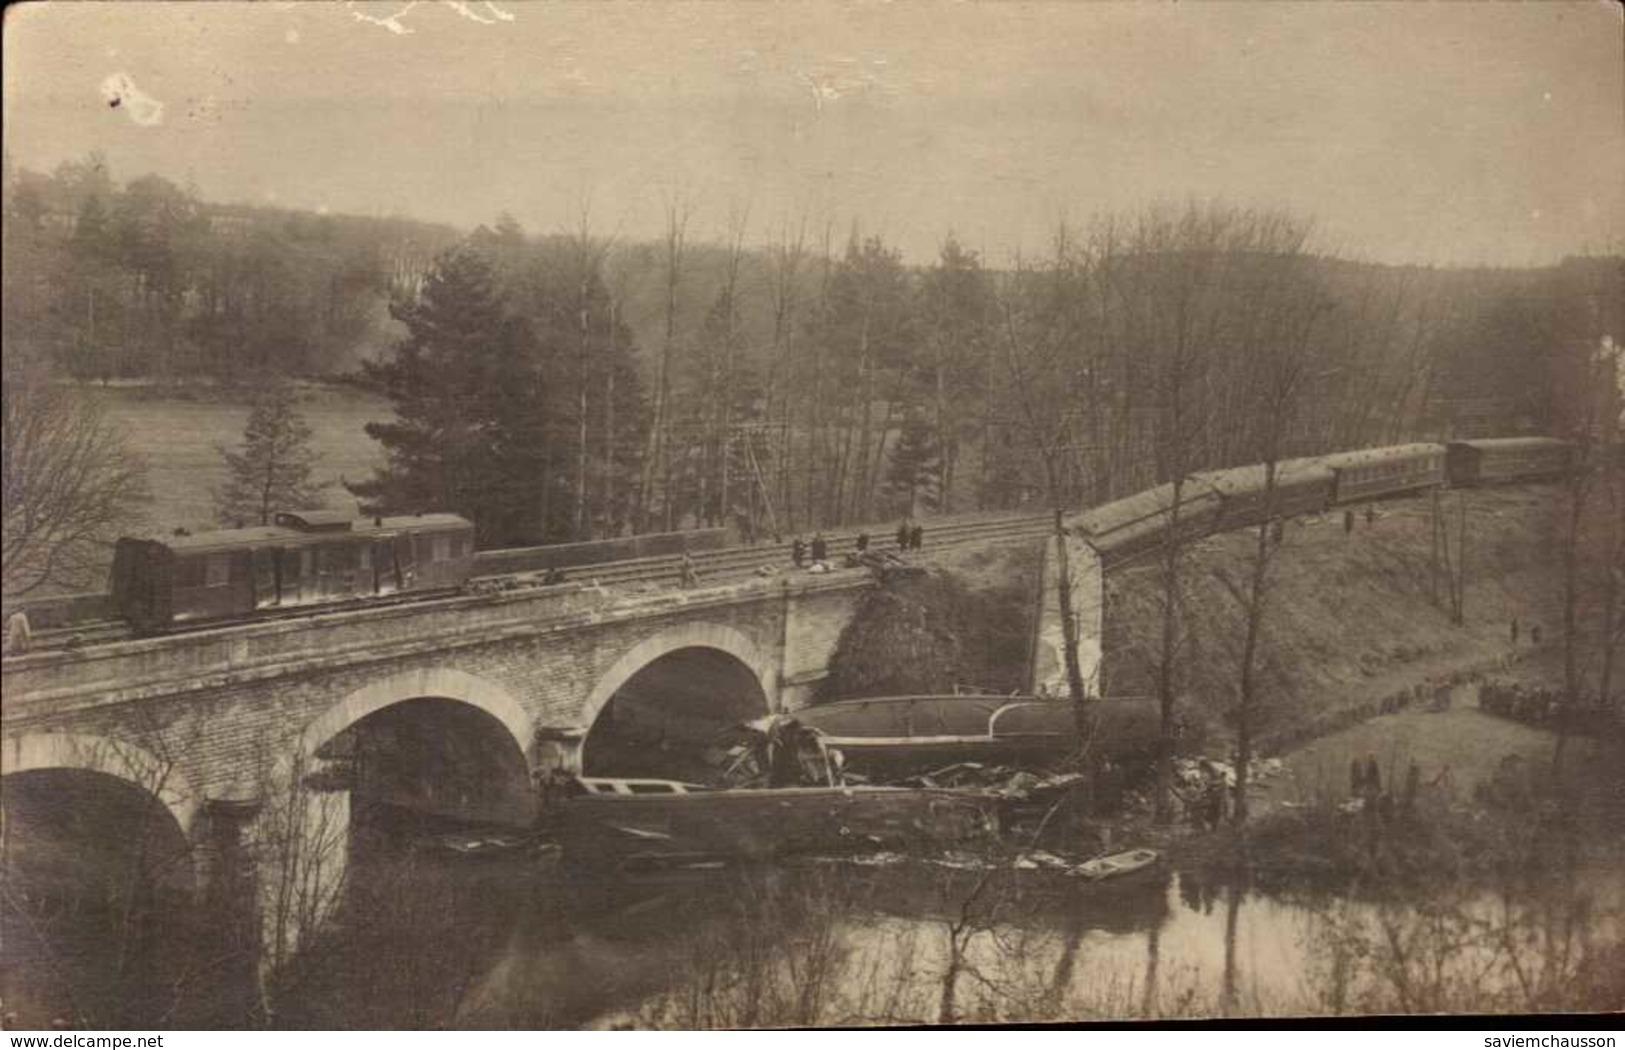 Cpa Carte Photo 86 Saint Benoit Accident Ferroviaire Déraillement D´un Tain Le 25 Mars 1925 - Saint Benoit